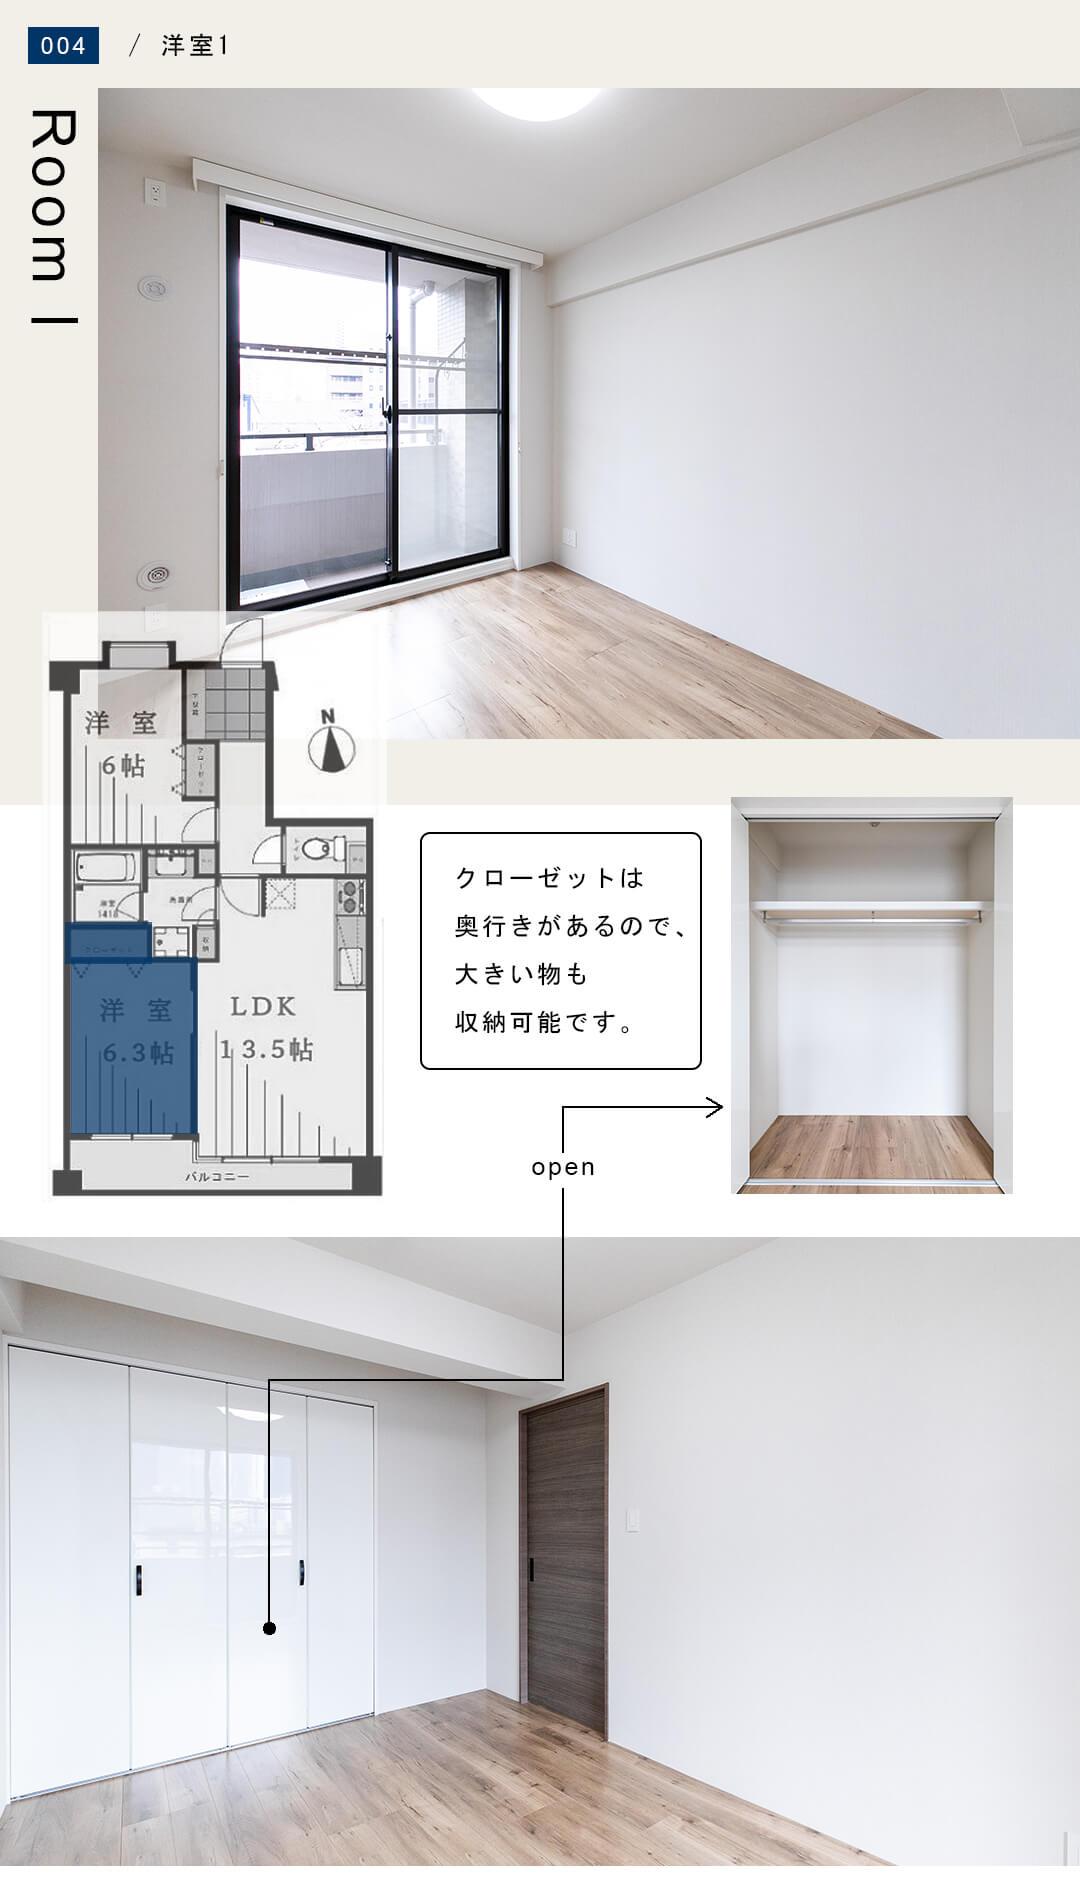 ライオンズマンション新宿柏木 404の洋室1